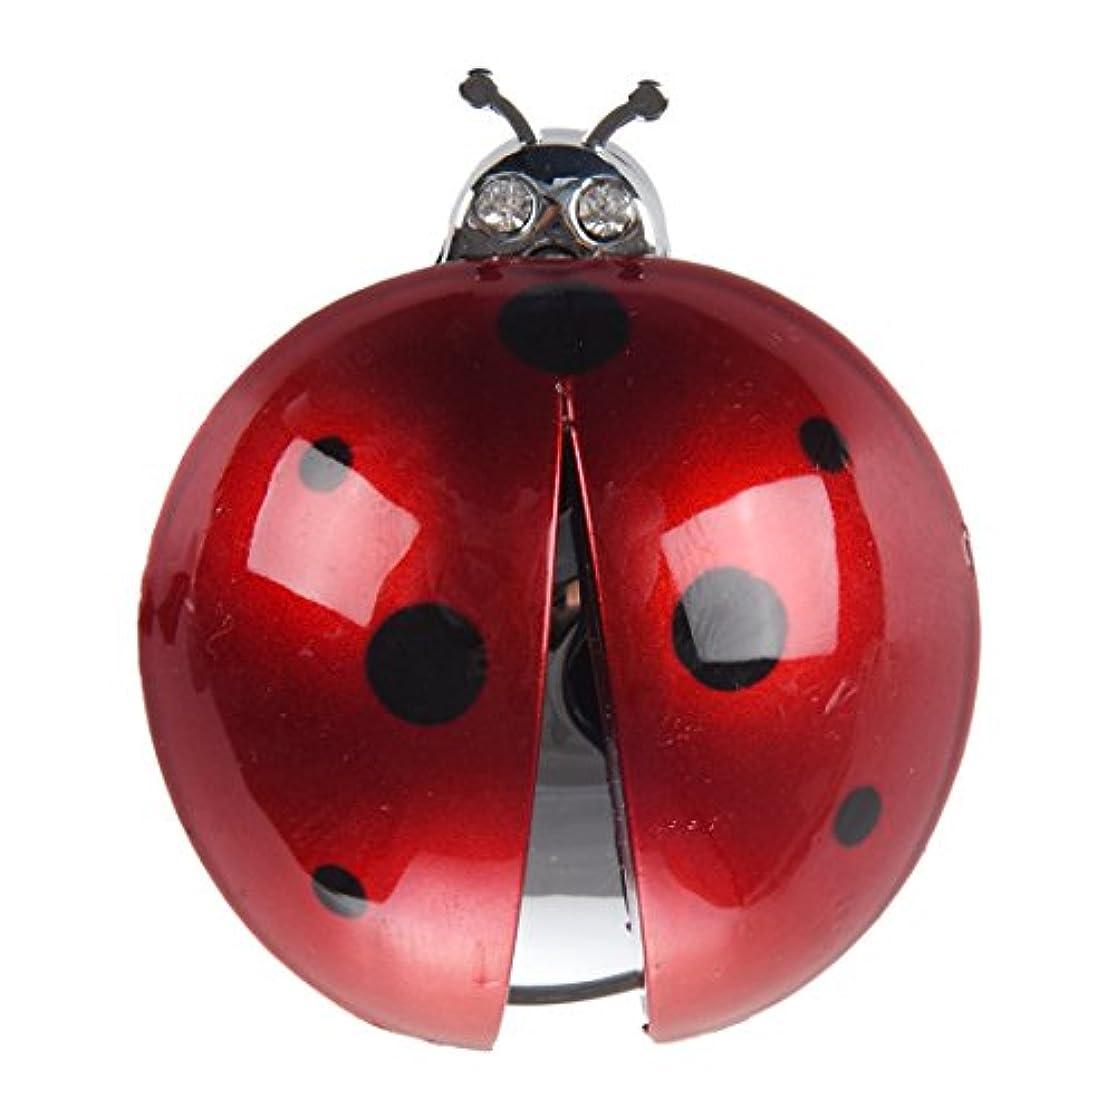 火山学者曲がった同様のNaliovker Naliovker(R)車の空気ベント てんとう虫のデザイン フレグランス 清浄 芳香 ダークレッド